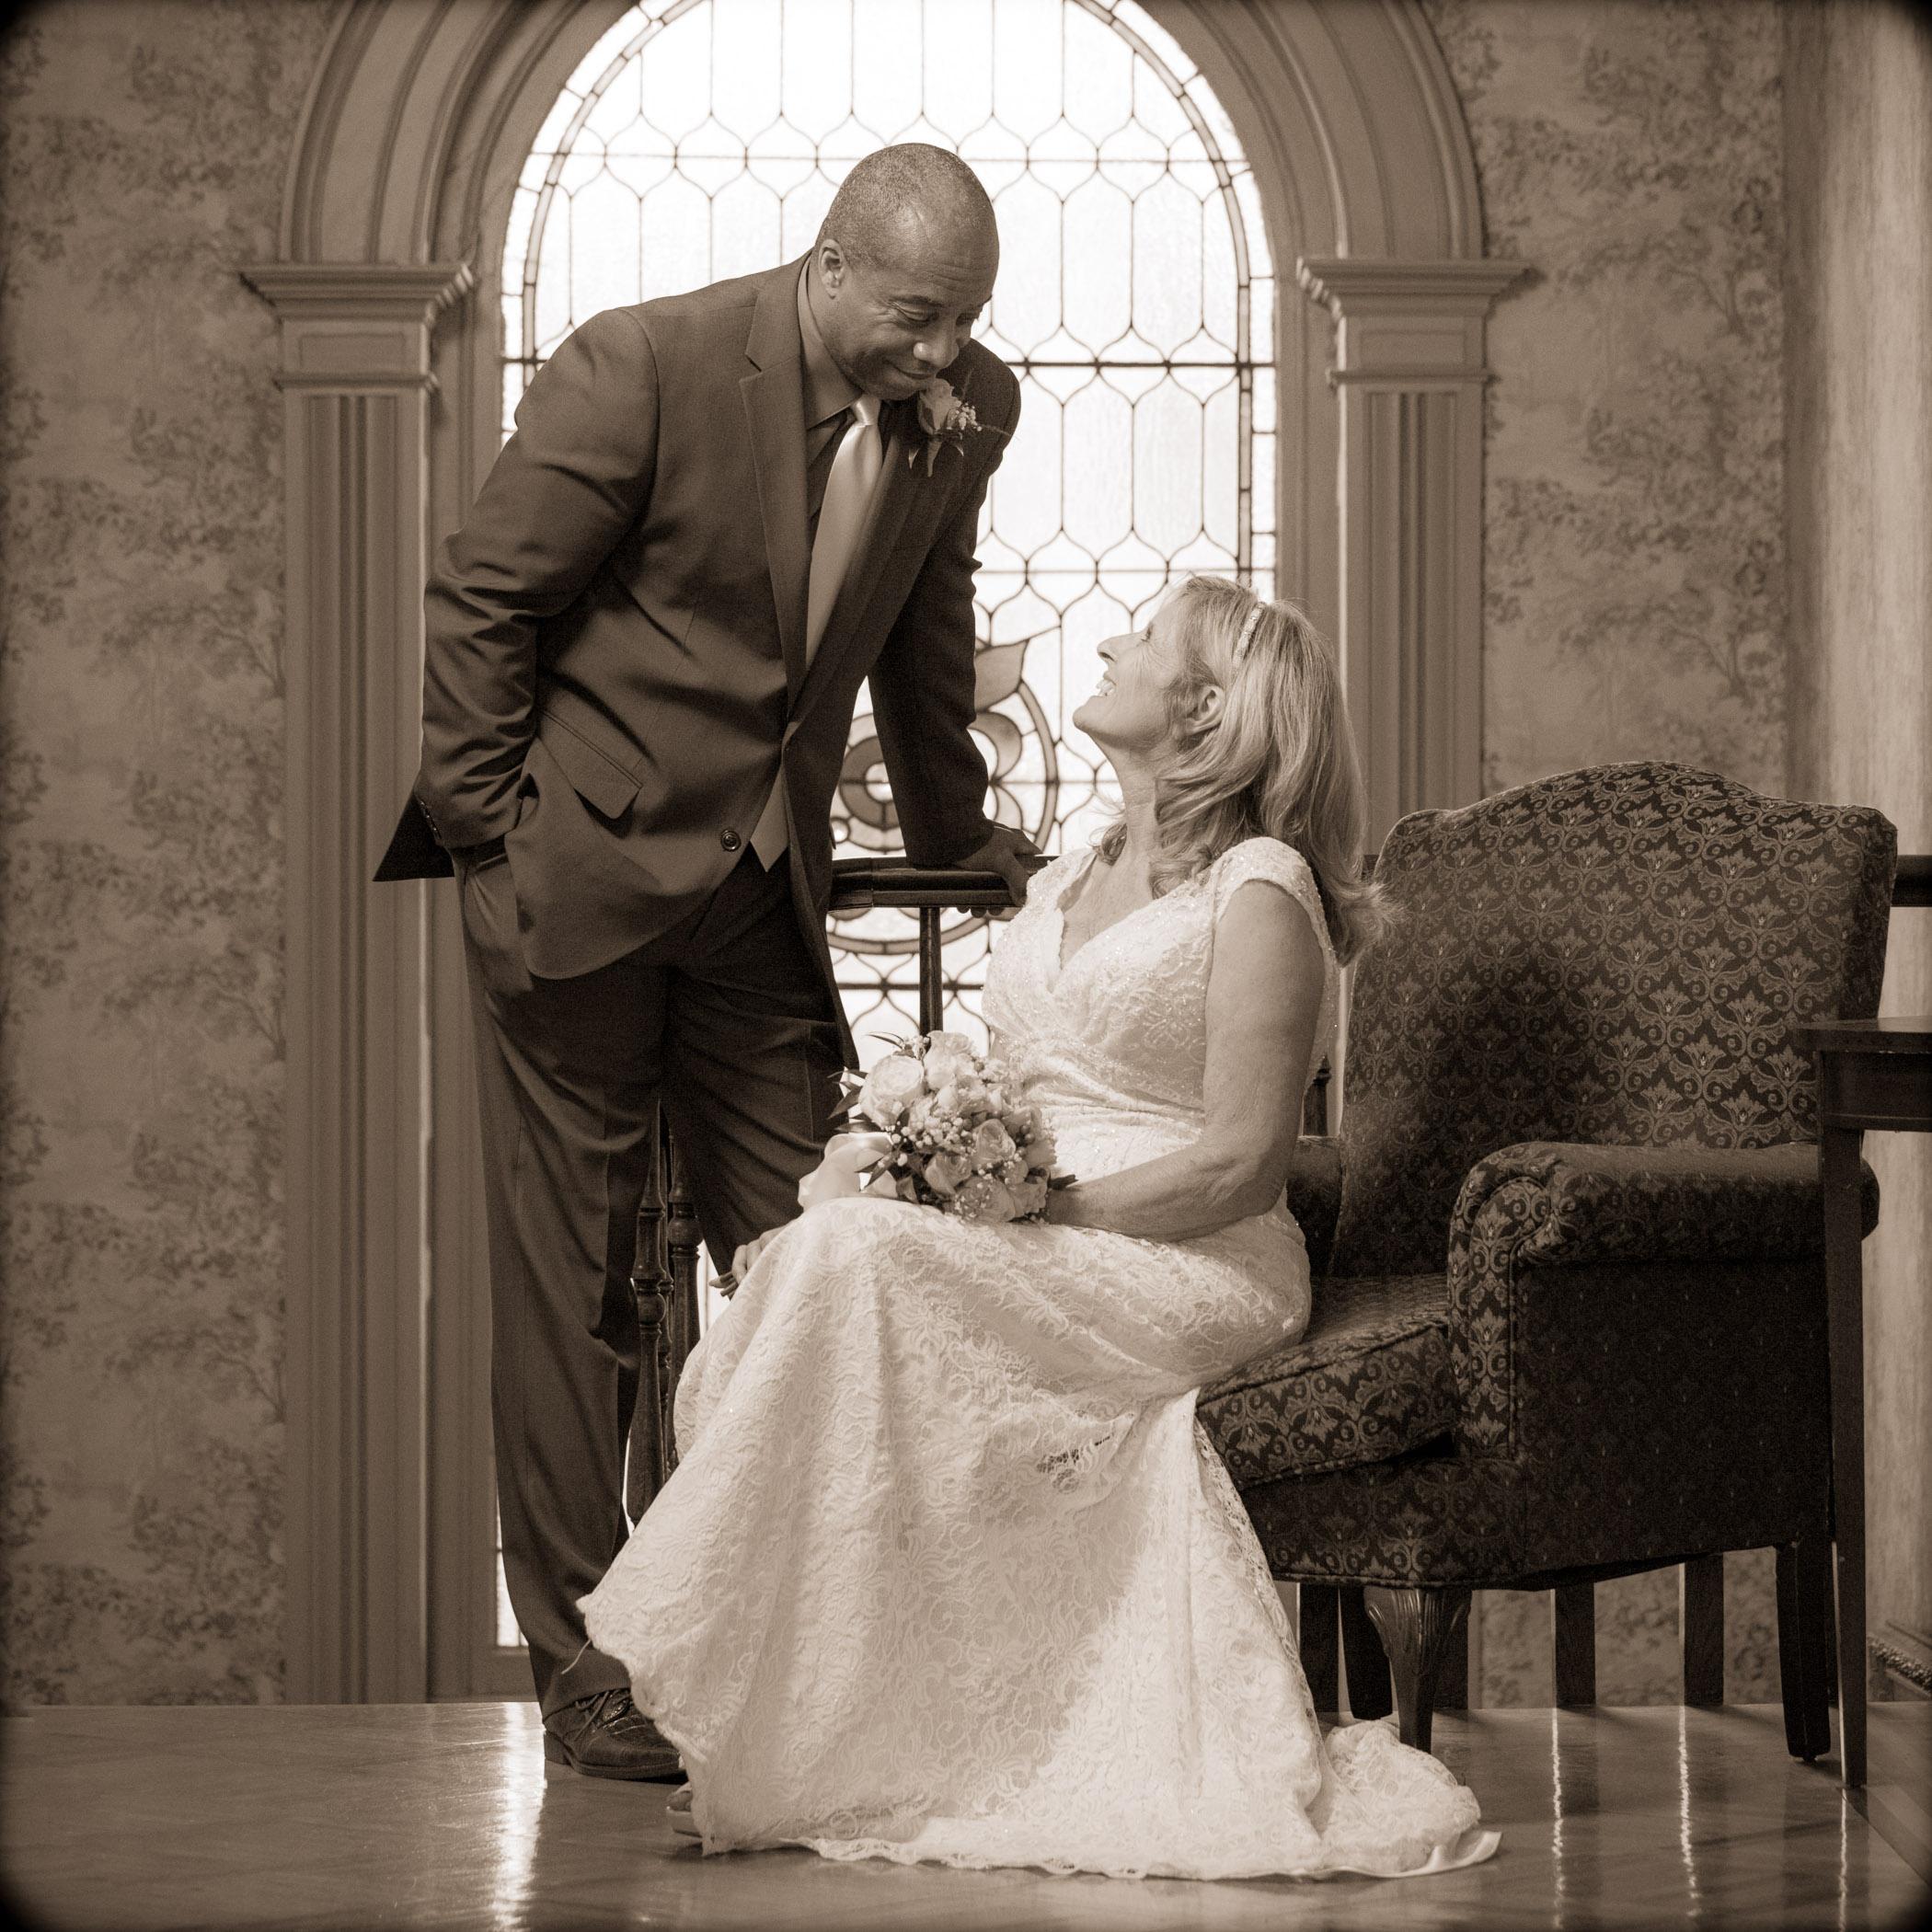 PEI Wedding Photography 2